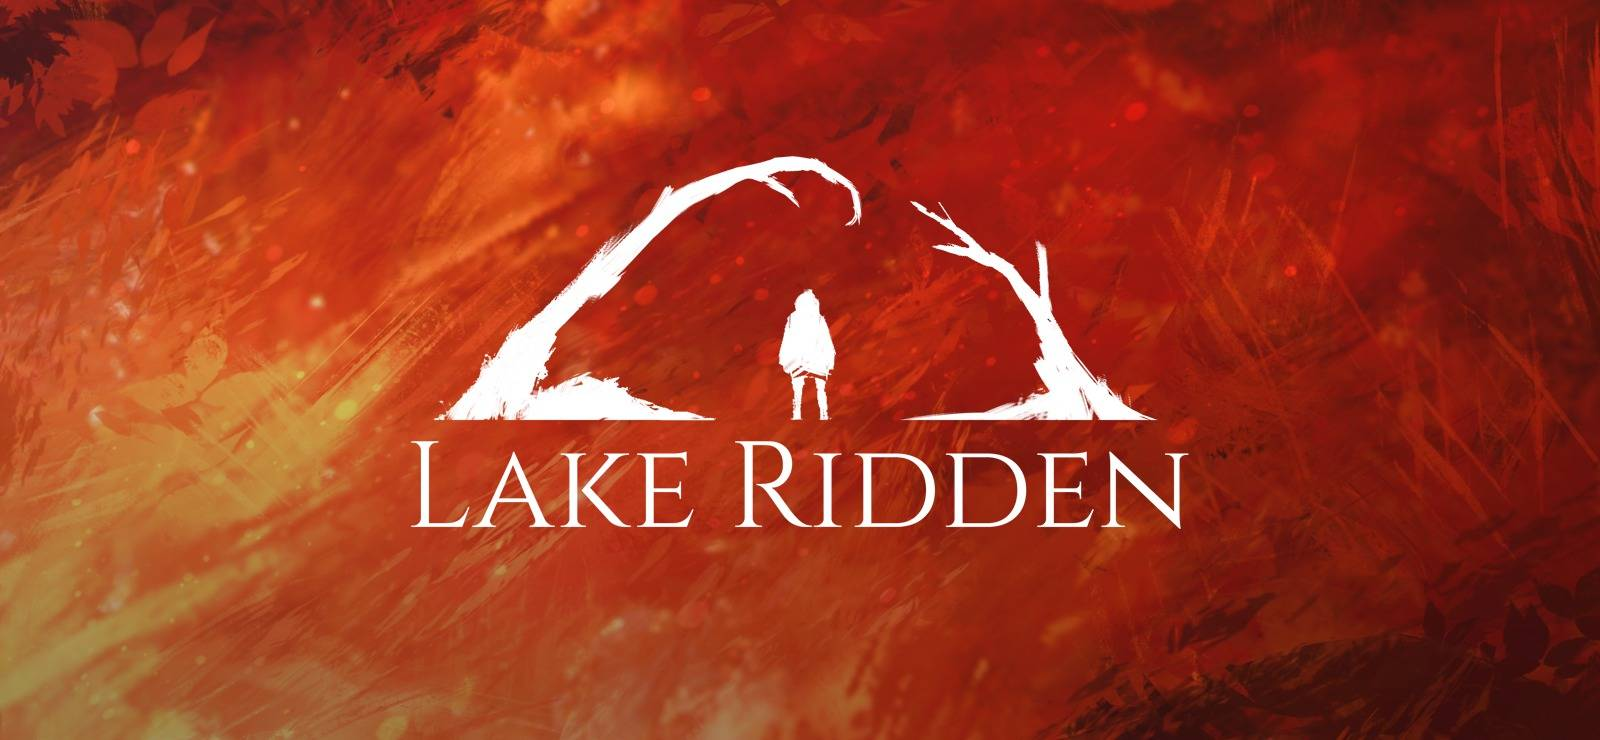 Lake Ridden (2018)